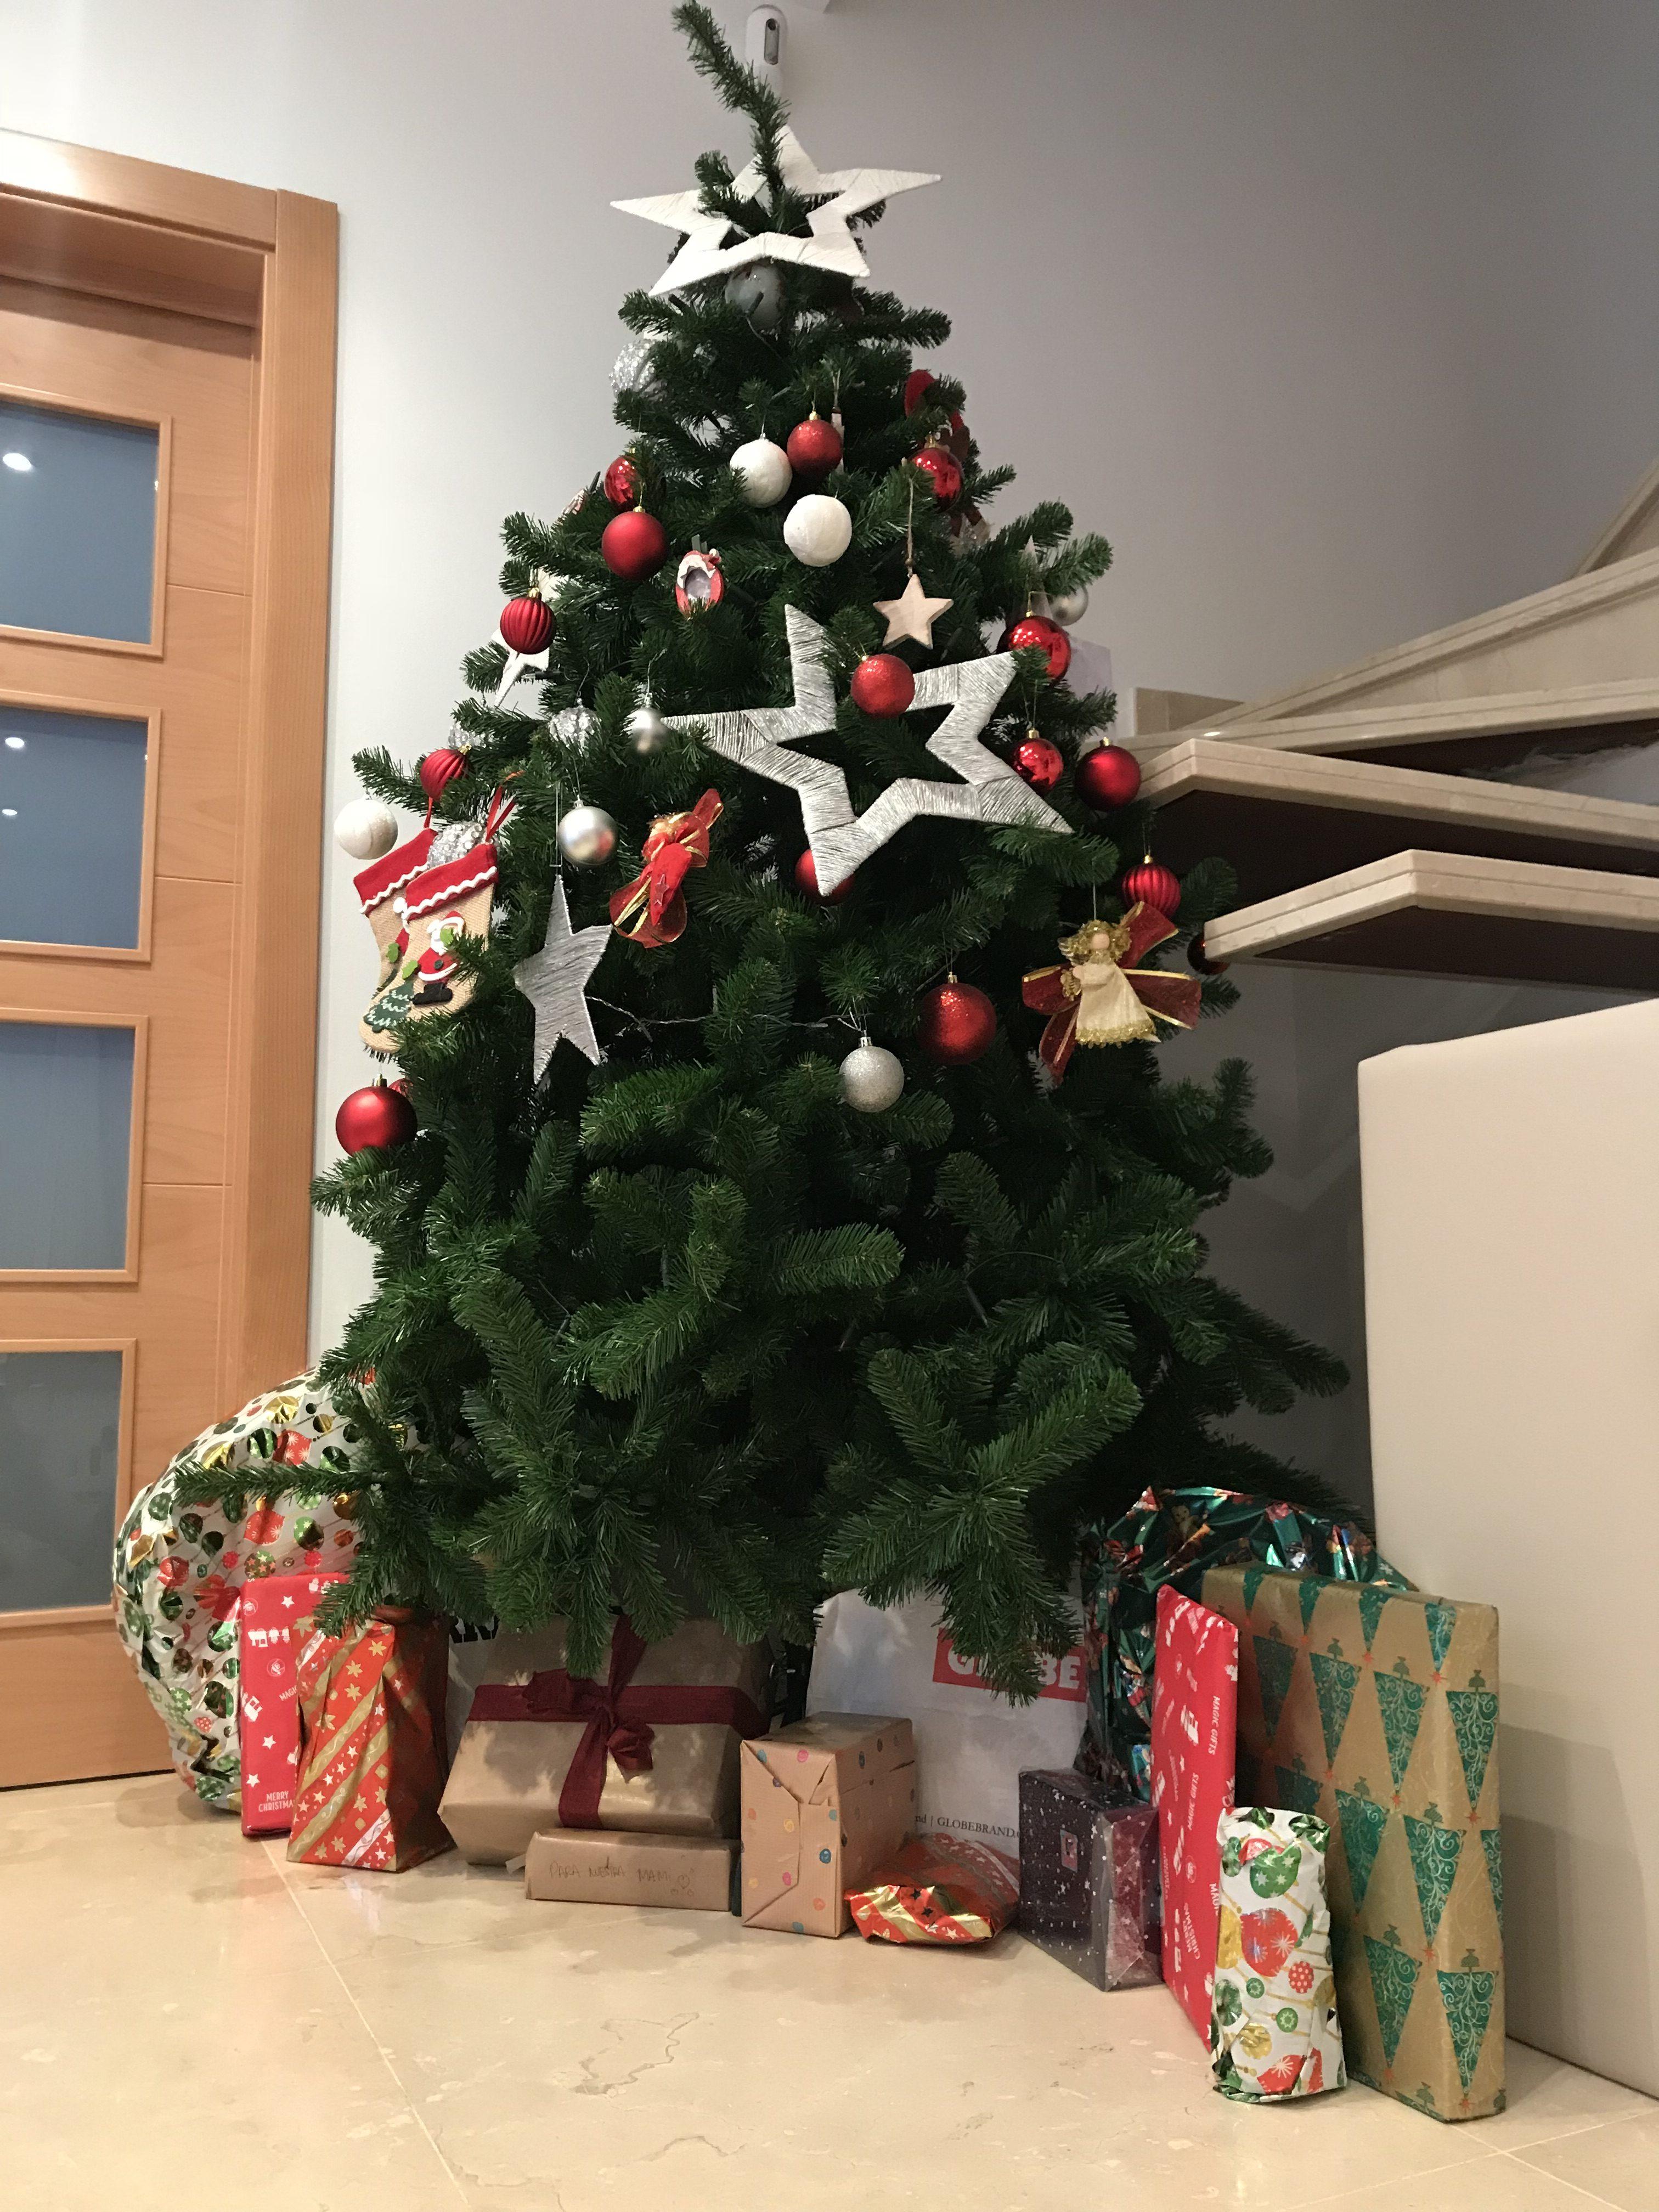 Navidad0 Regalos Mellizas 2añosPapas 2añosPapas Regalos Navidad0 Mellizas De Regalos De De Navidad0 w8n0OPNXk